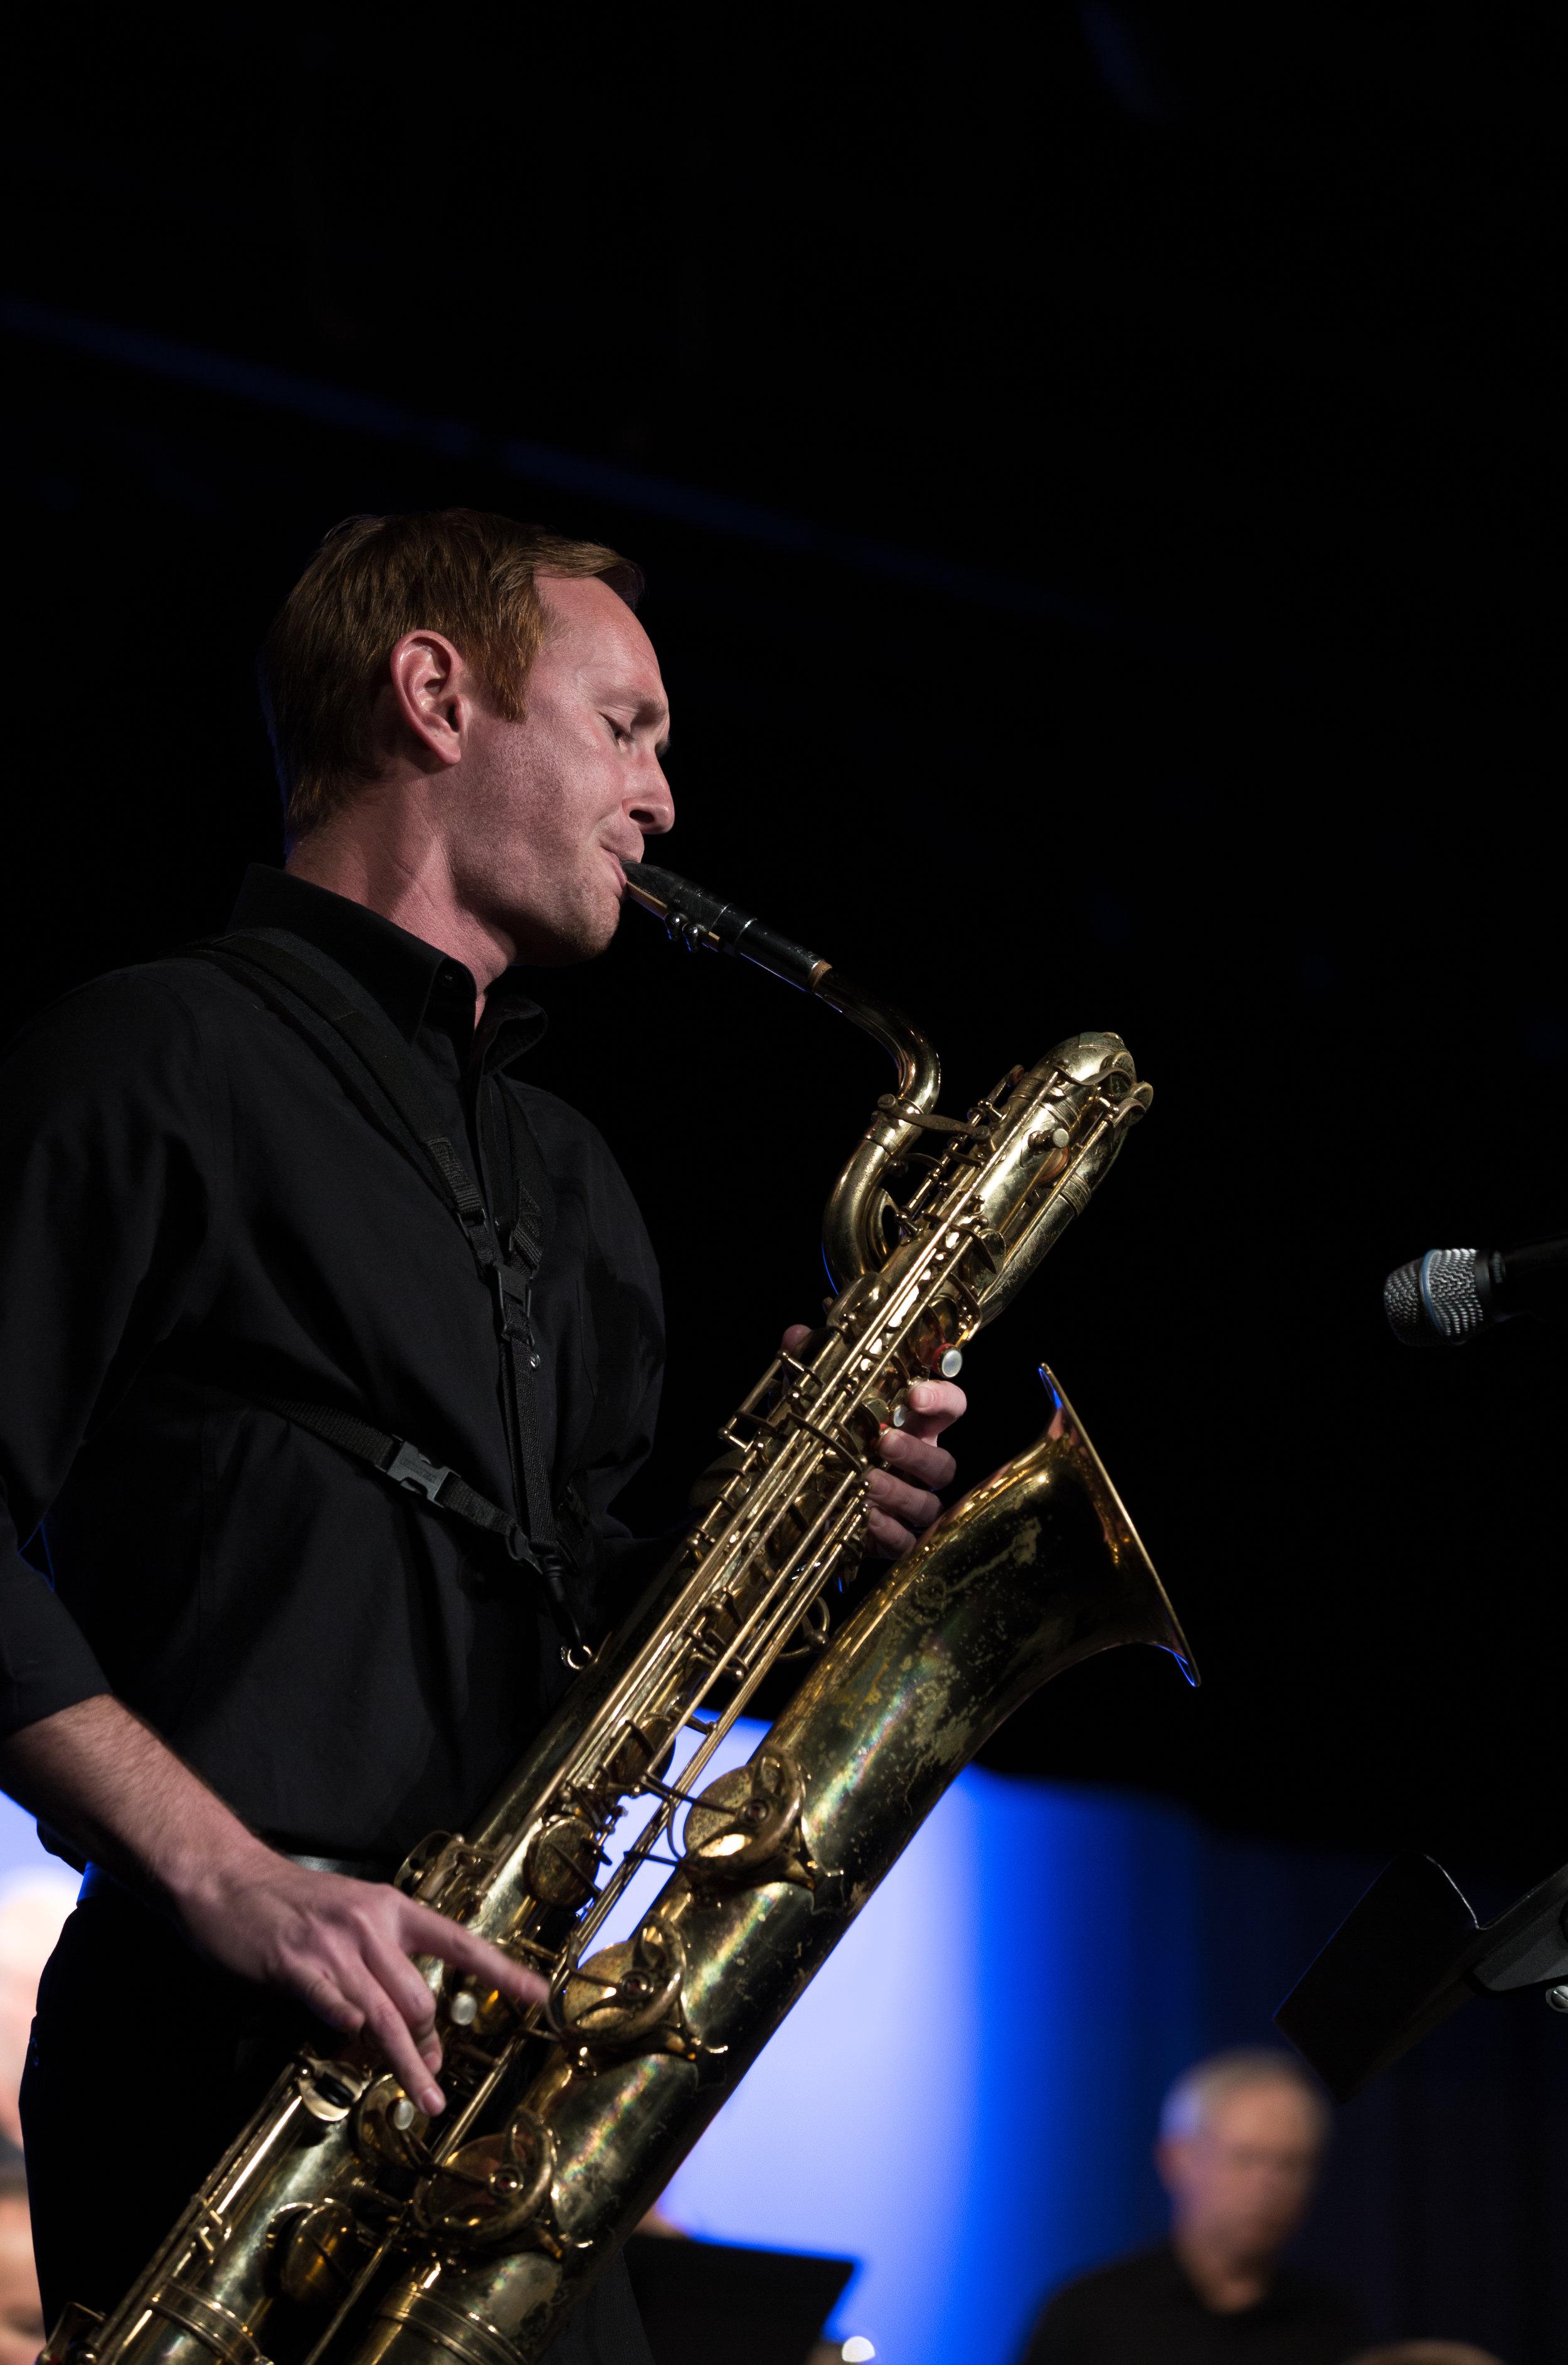 Matt Ballard, baritone sax